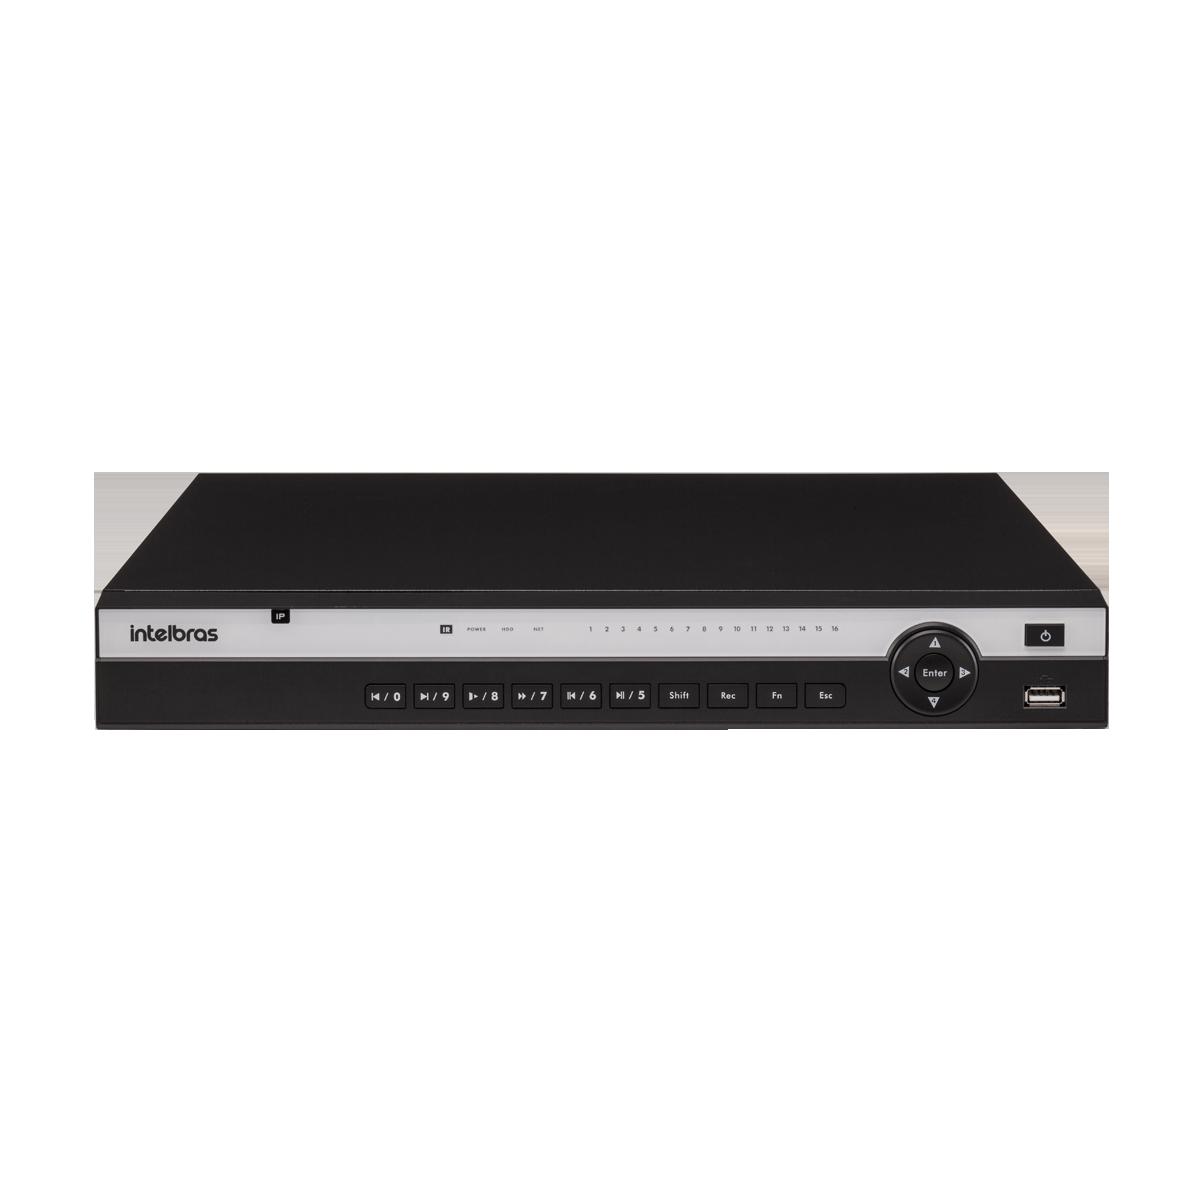 NVD 3208 P C/ HD 8TB - GRAV. DIG. DE VÍDEO EM REDE PARA ATÉ 8 CANAIS IP EM FULL HD @ 30 FPS, 4K, H.265, POSSUI 8 PORTAS POE e CAPACIDADE DE ARMAZENAMENTO PARA 1 HD - PRODUÇÃO CUSTOMIZADA COM ENTREGA E  - Sandercomp Virtual